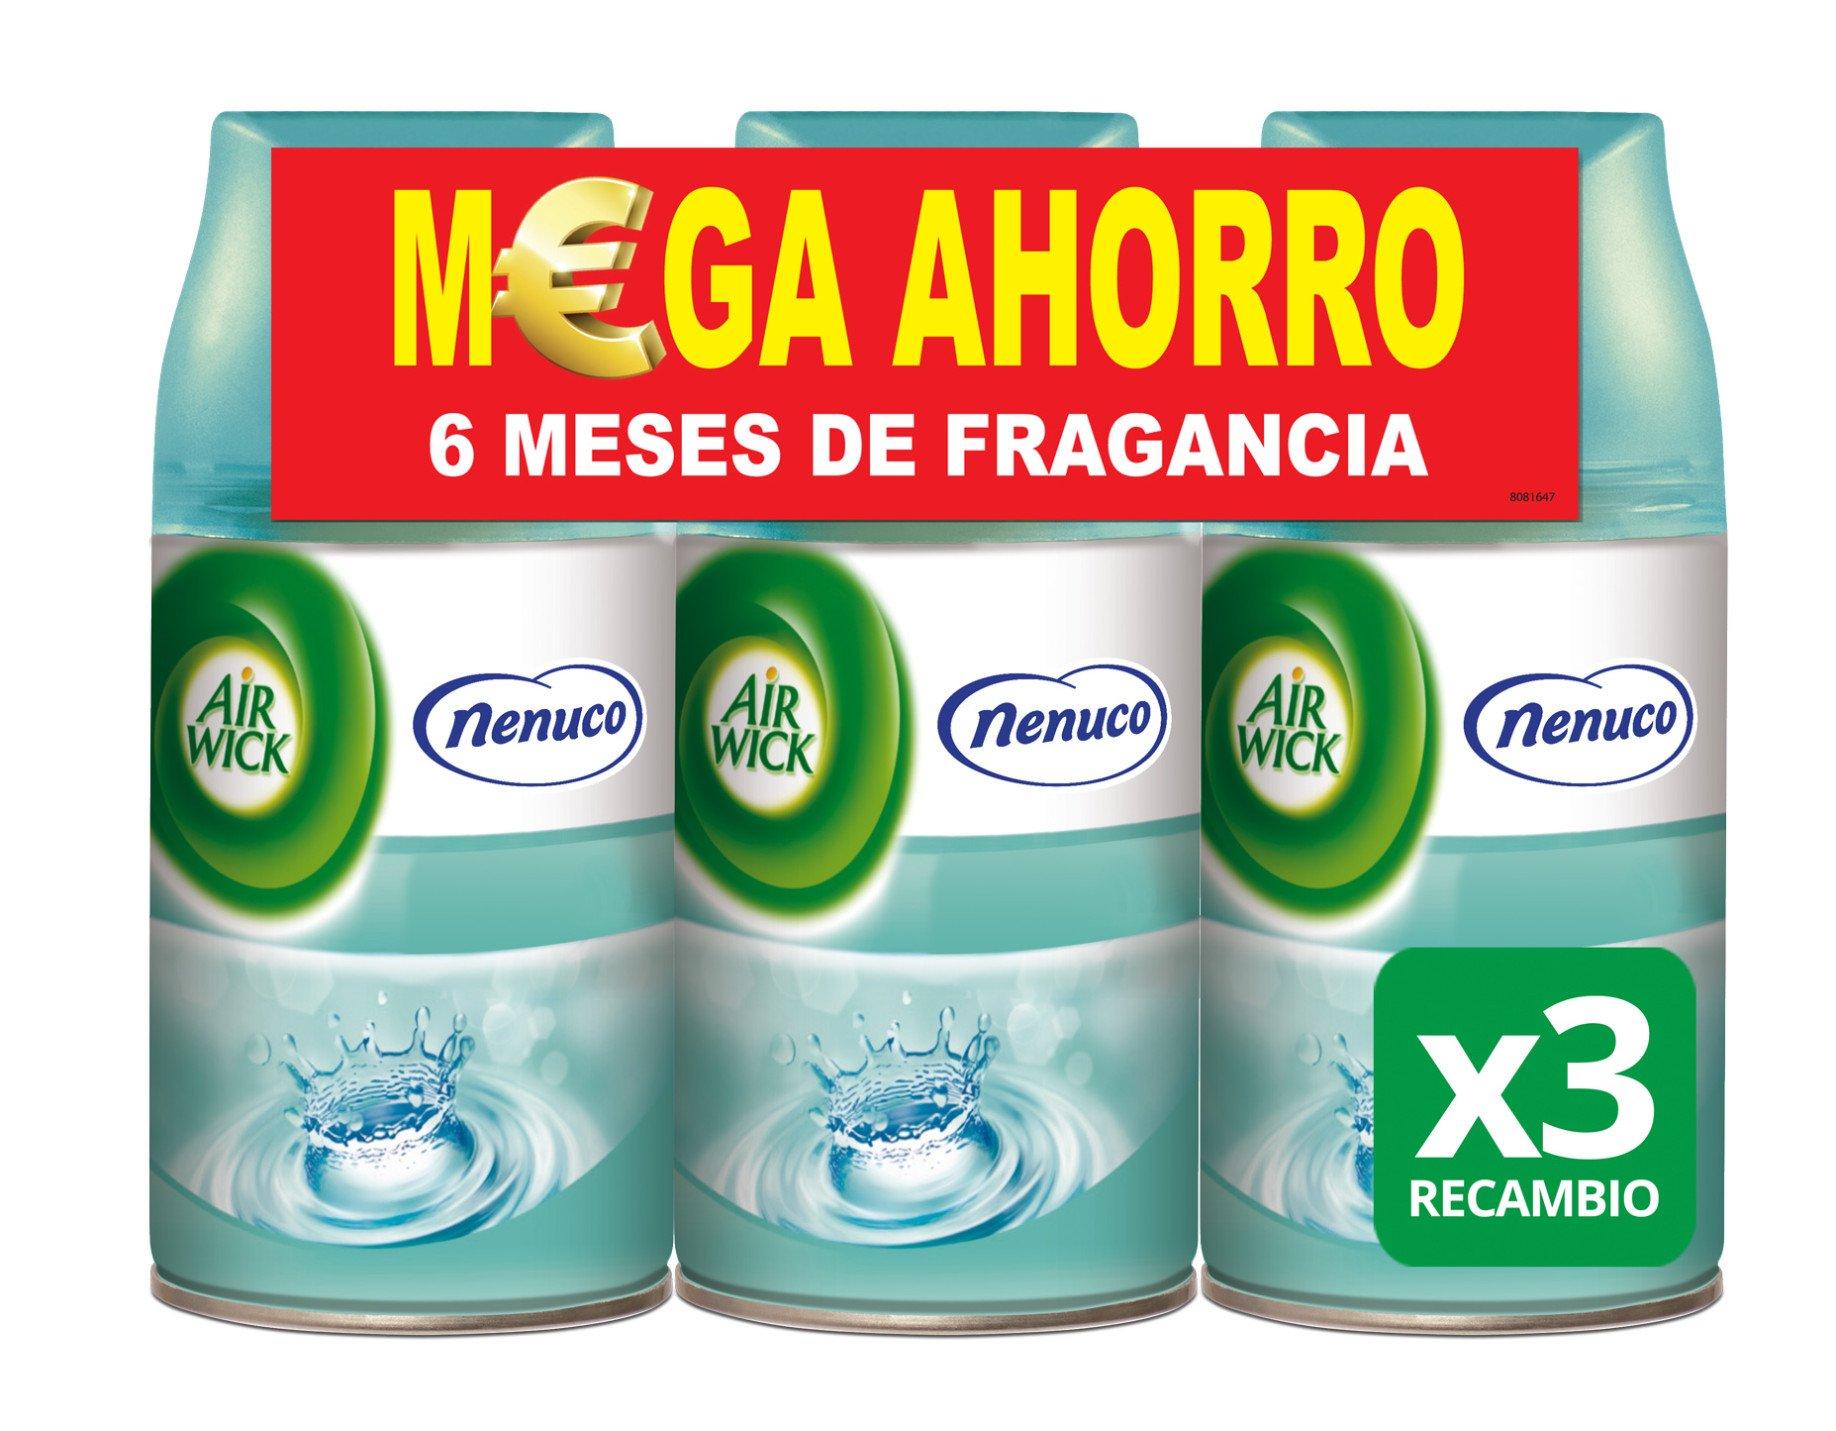 Air Wick Ambientador Freshmatic Recambio - Fragancia Nenuco - Paquete de 3 x 250 ml -